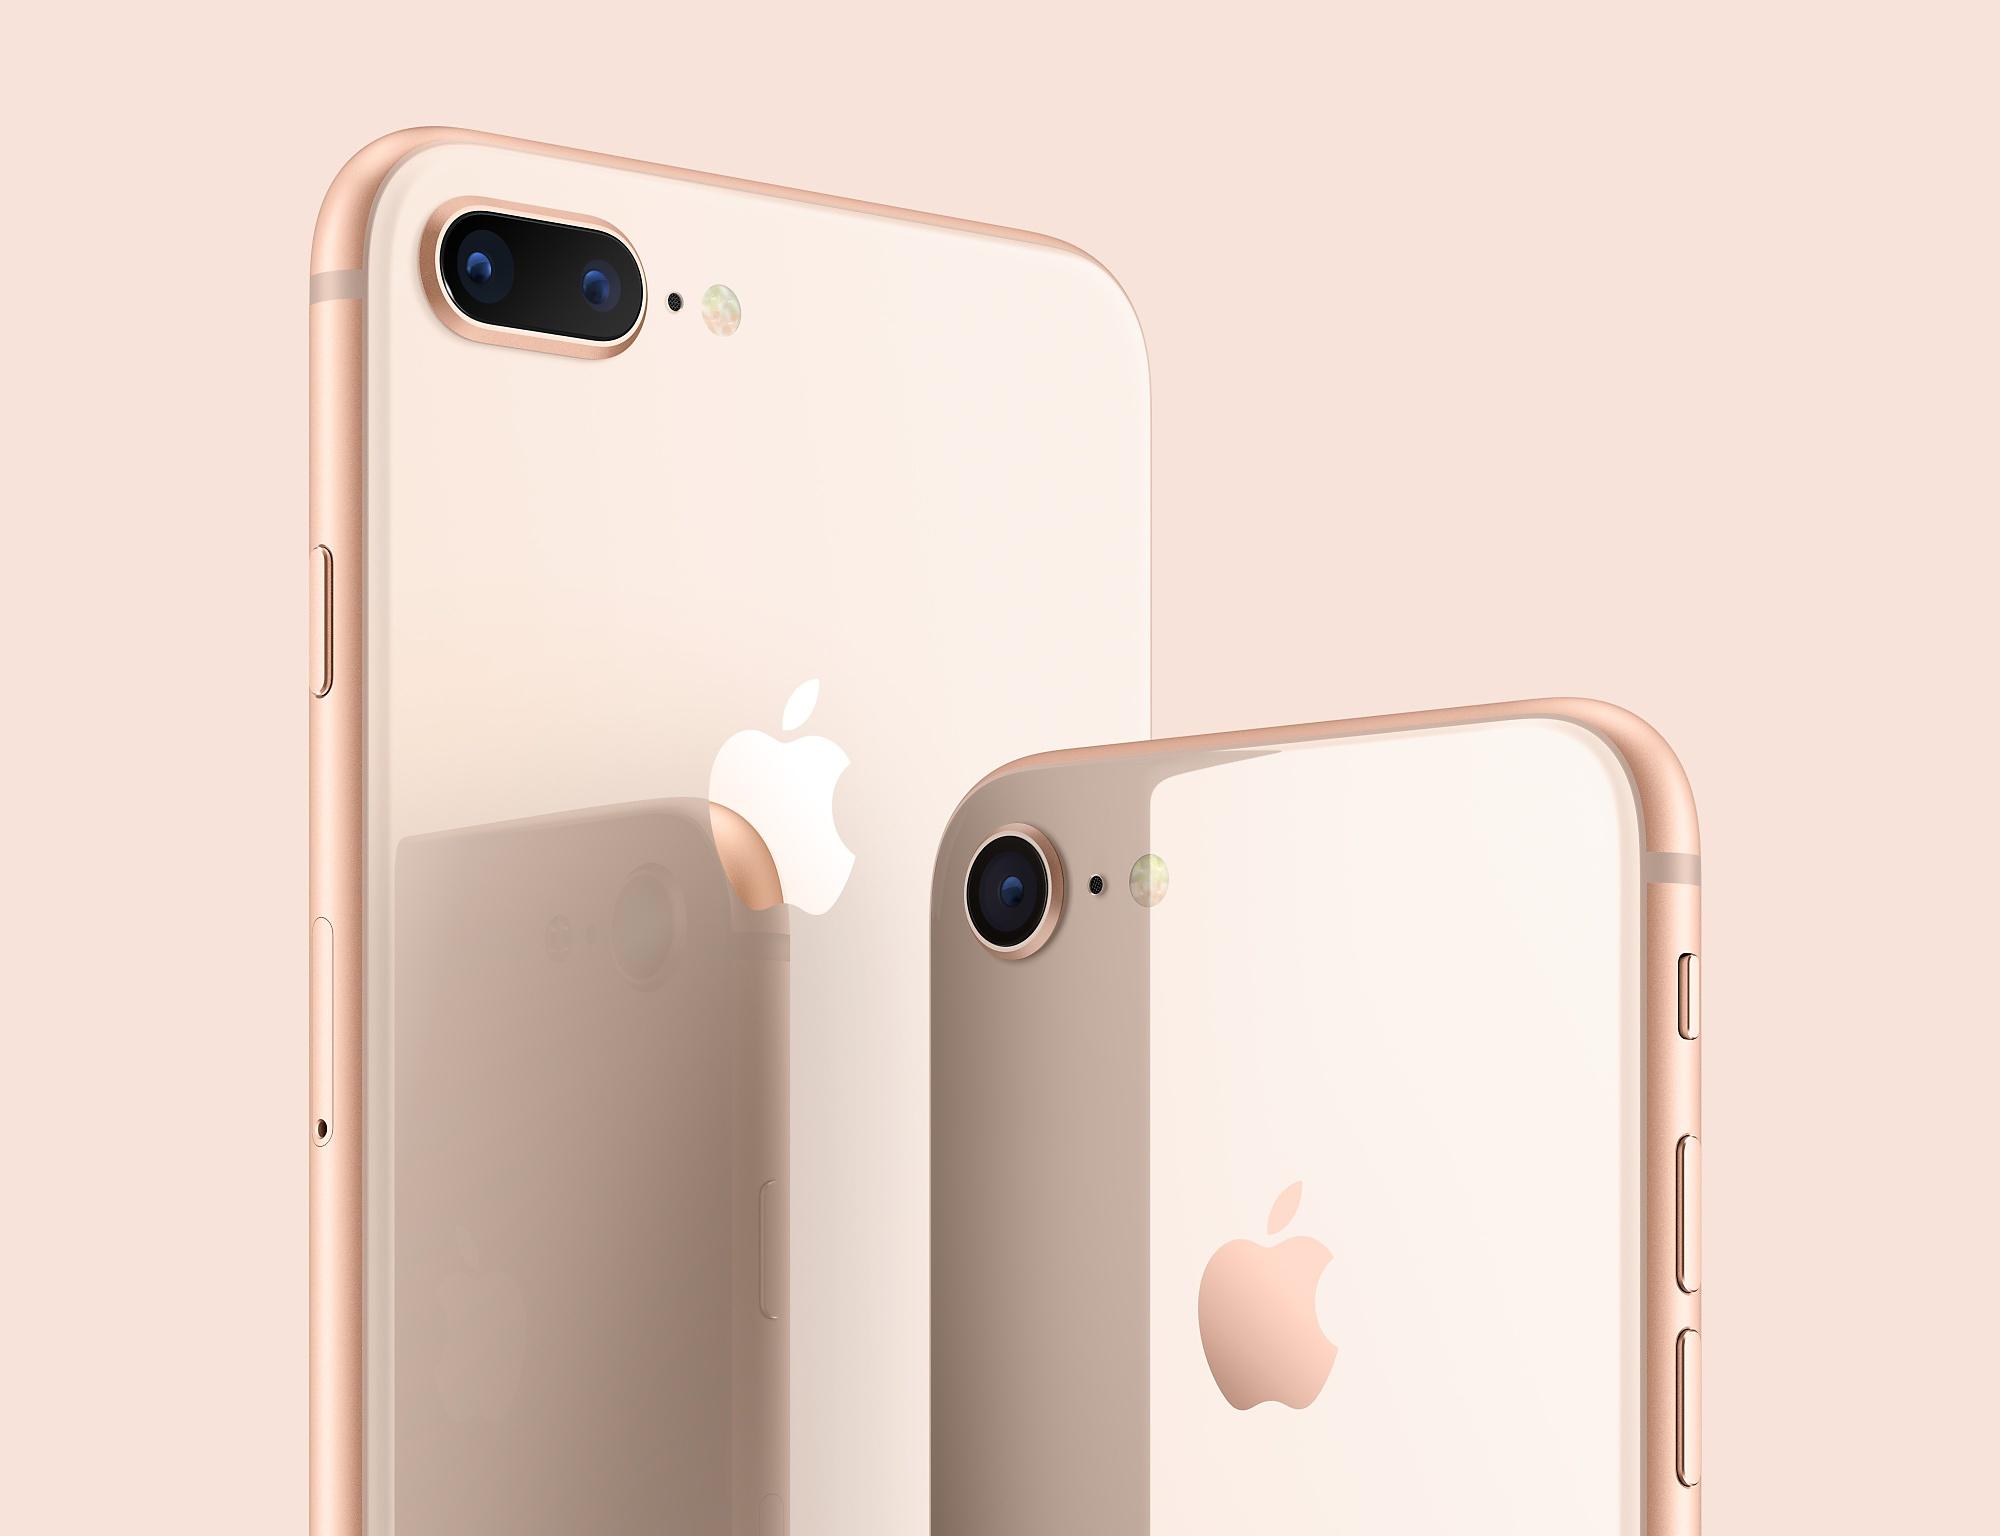 باشگاه خبرنگاران -خرید iPhone 8 چقدر تمام می شود؟